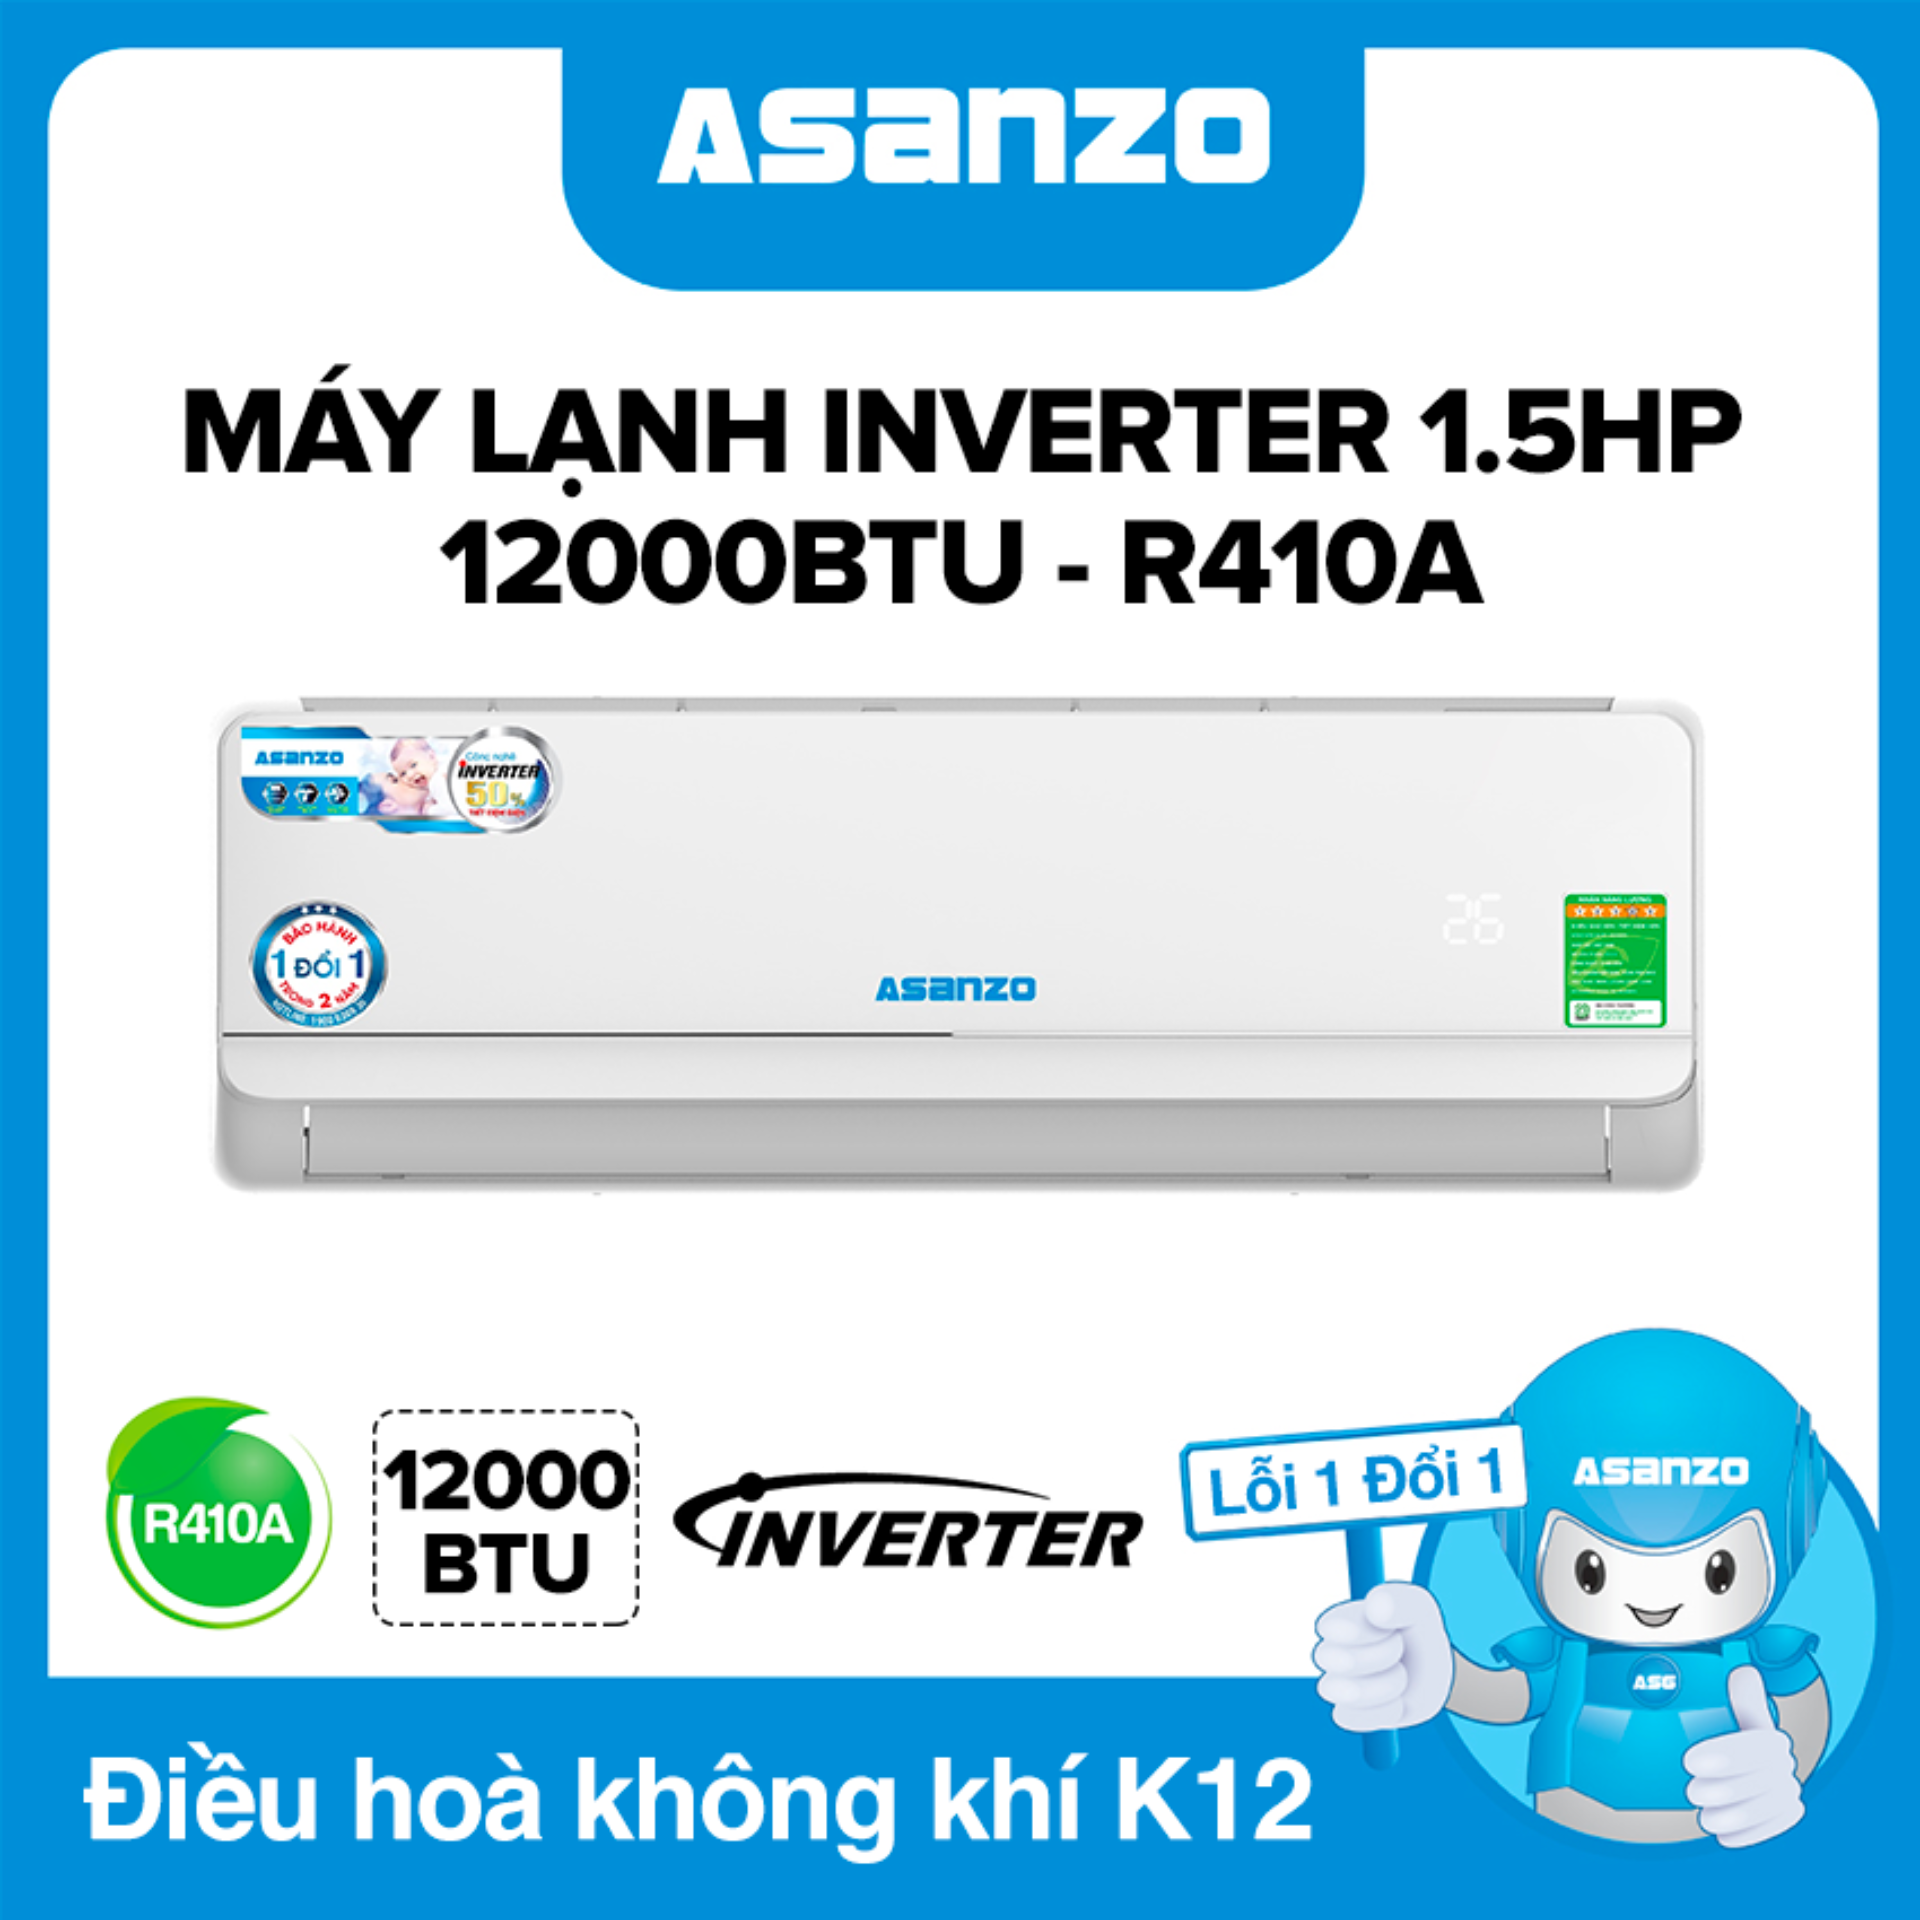 Bảng giá Máy Lạnh Asanzo Inverter K12A 12000BTU (1.5HP) Phù Hợp Diện Tích 16-22m² (Siêu Tiết Kiệm, Làm Lạnh Nhanh, Tự Điều Chỉnh Nhiệt Độ, Lọc Không Khí) Máy lạnh giá rẻ - Bảo Hành 2 Năm Điện máy Pico